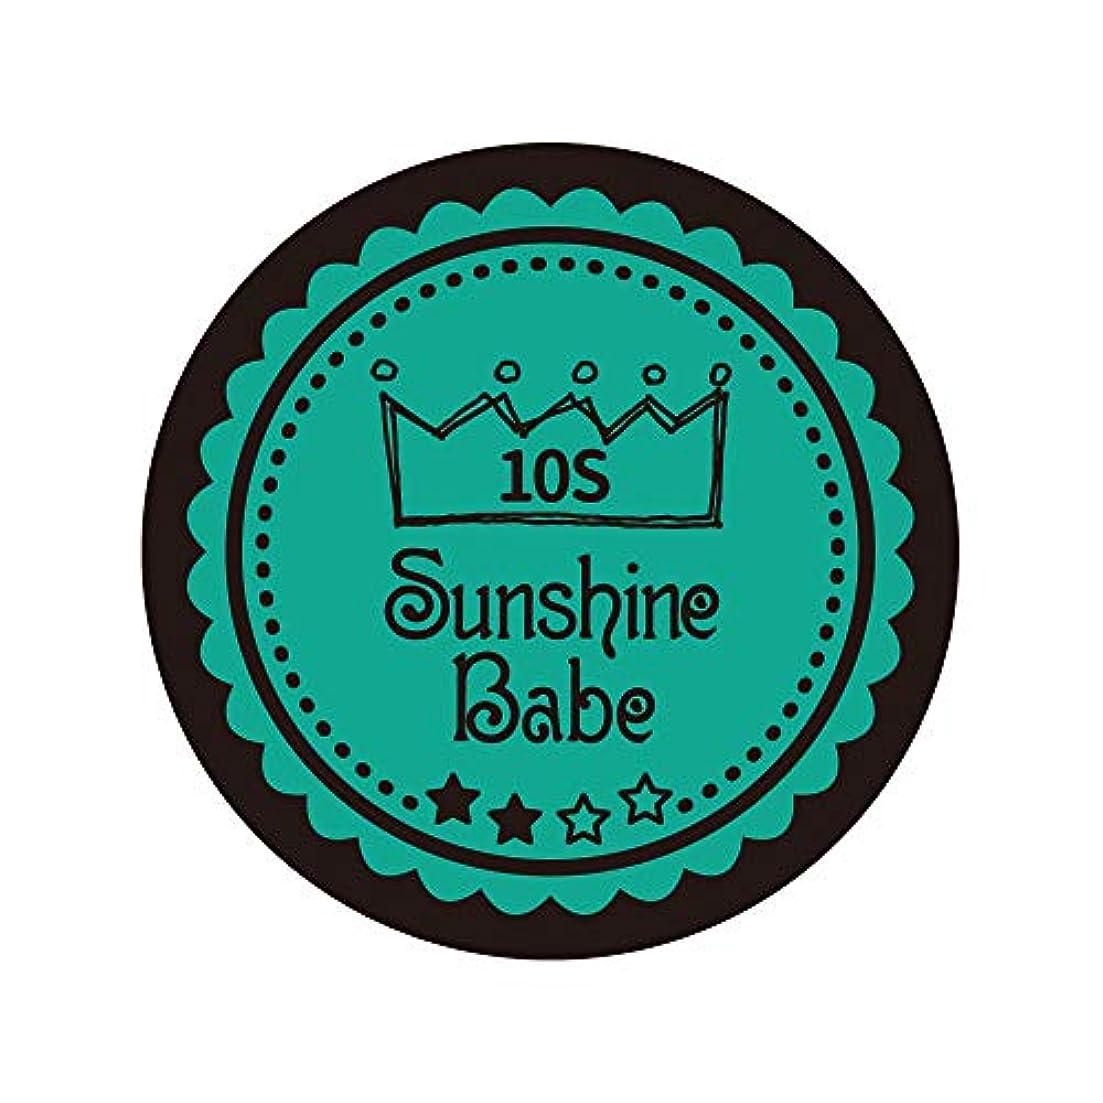 ぴかぴか散るレポートを書くSunshine Babe カラージェル 10S アルカディア 2.7g UV/LED対応